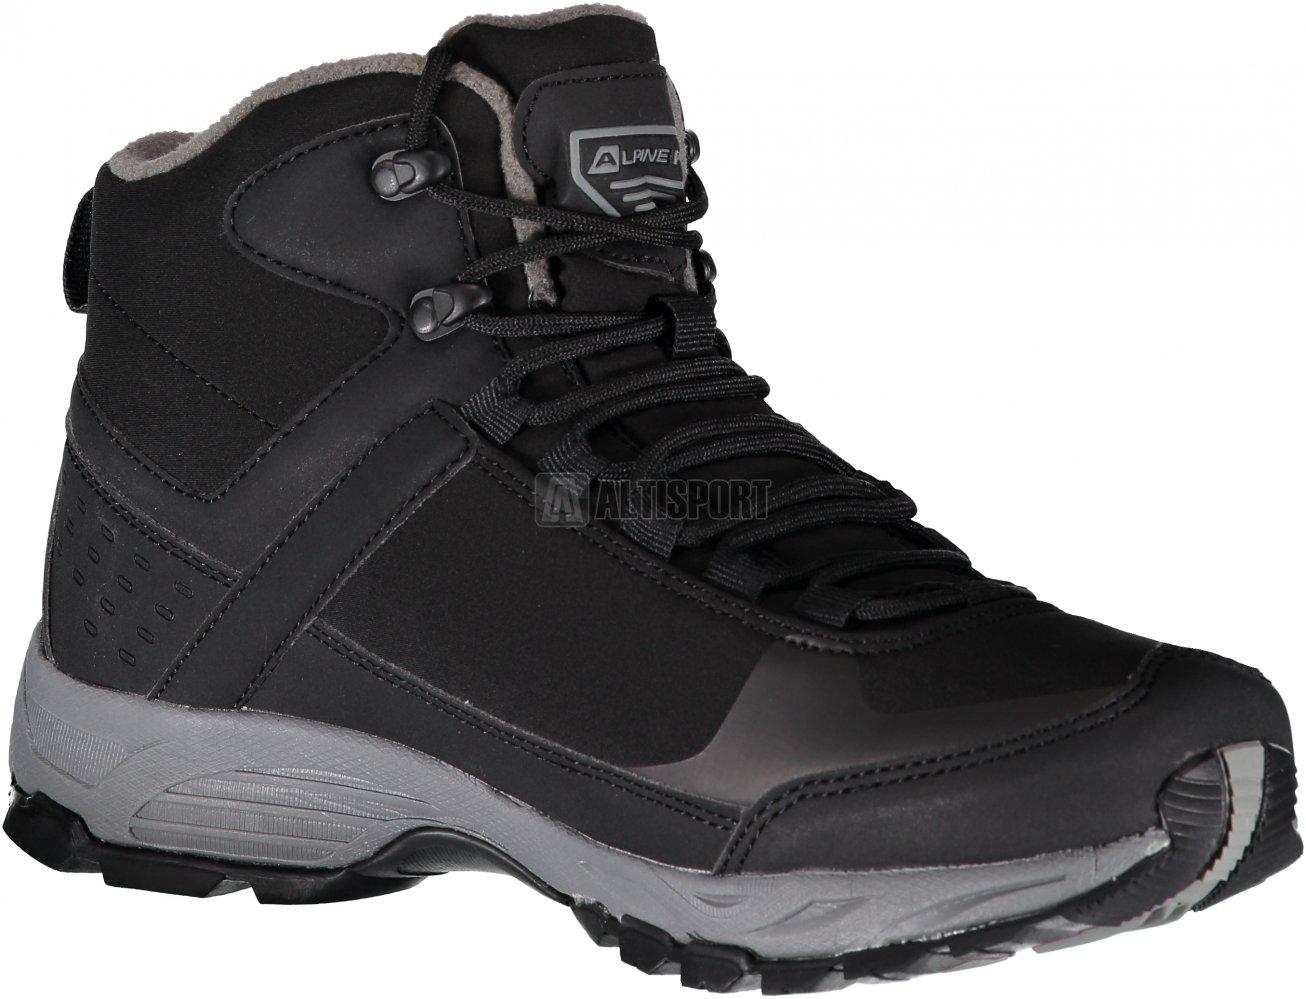 373401ff7a Pánská obuv ALPINE PRO MIAR UBTK050 ČERNÁ velikost  EU 41 (UK 7